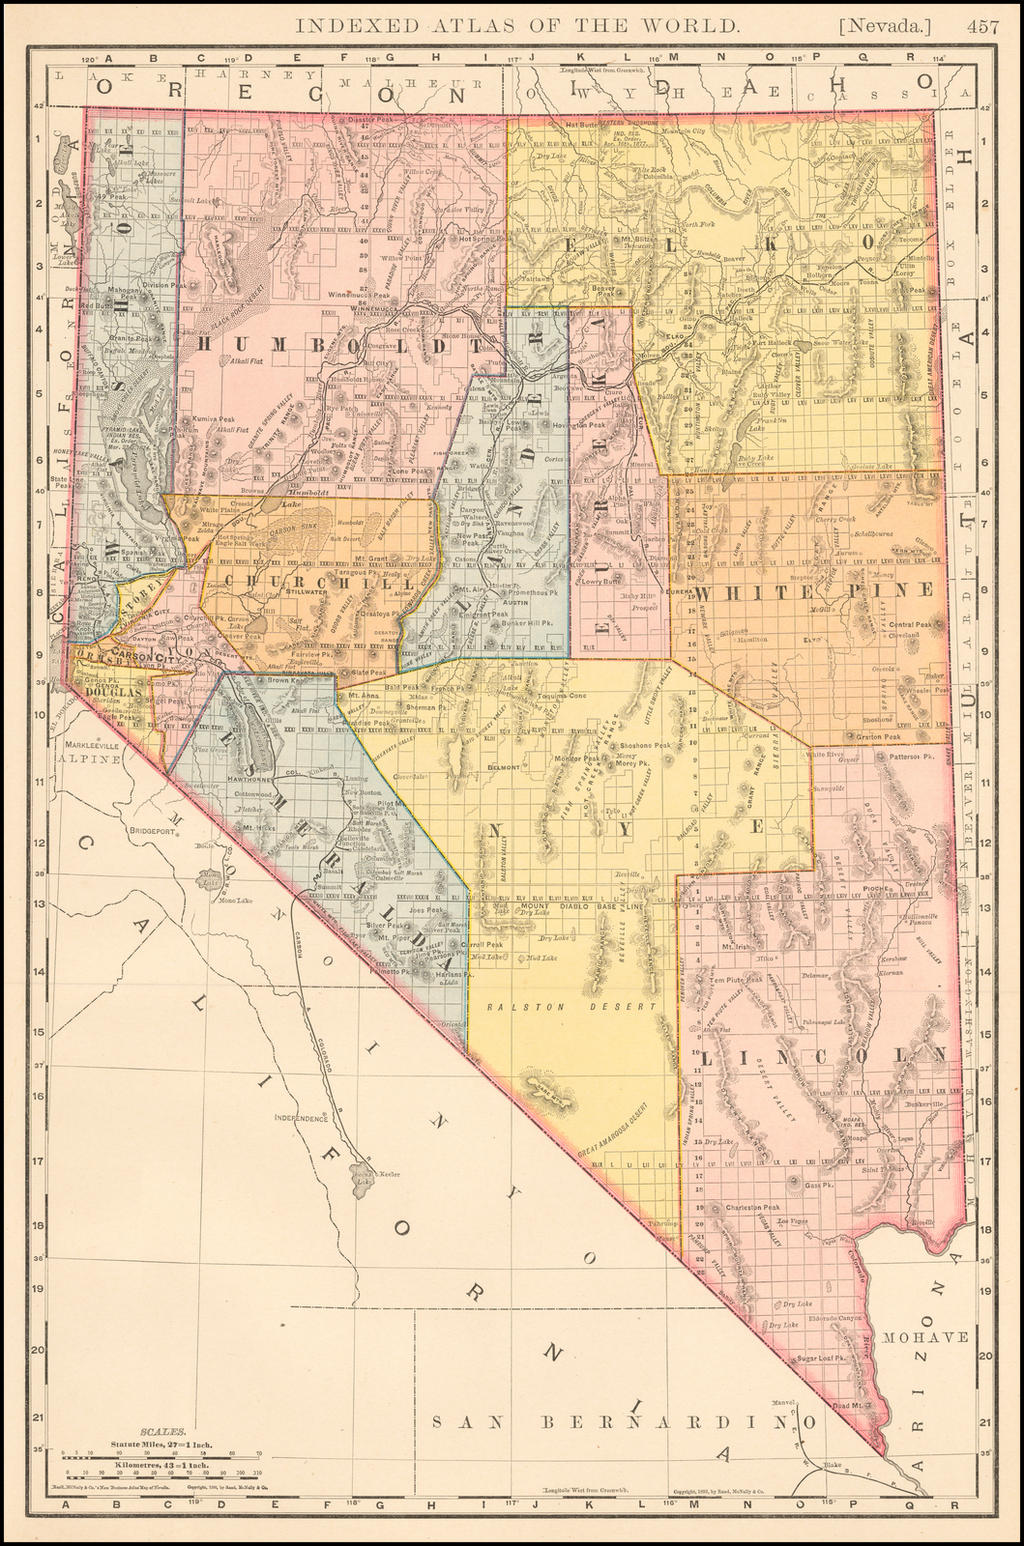 Nevada By Rand McNally & Company